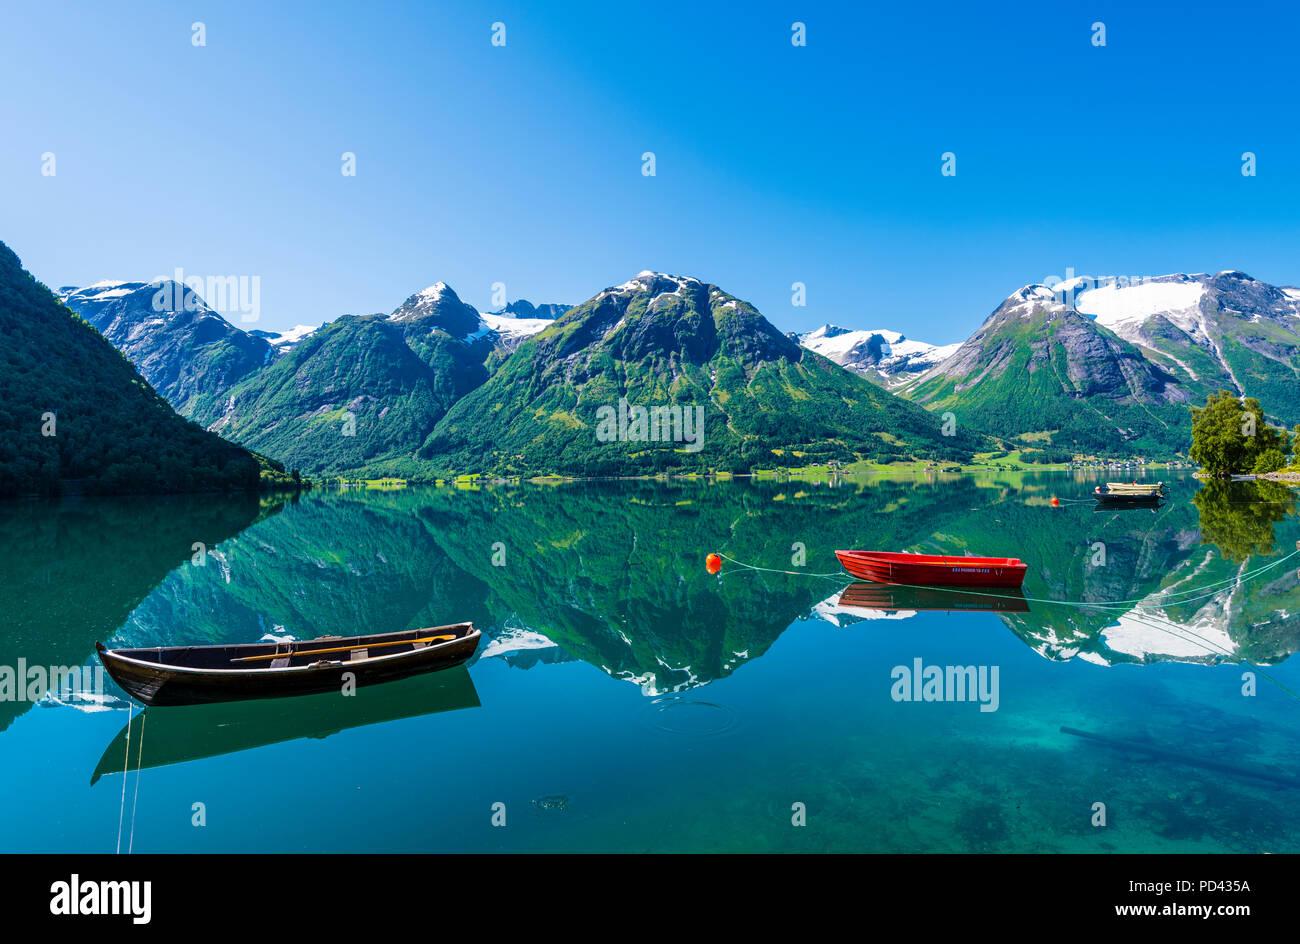 Hjelle, en el oeste de Noruega, bellamente situado junto al lago Oppstrynsvatnet. Imagen De Stock